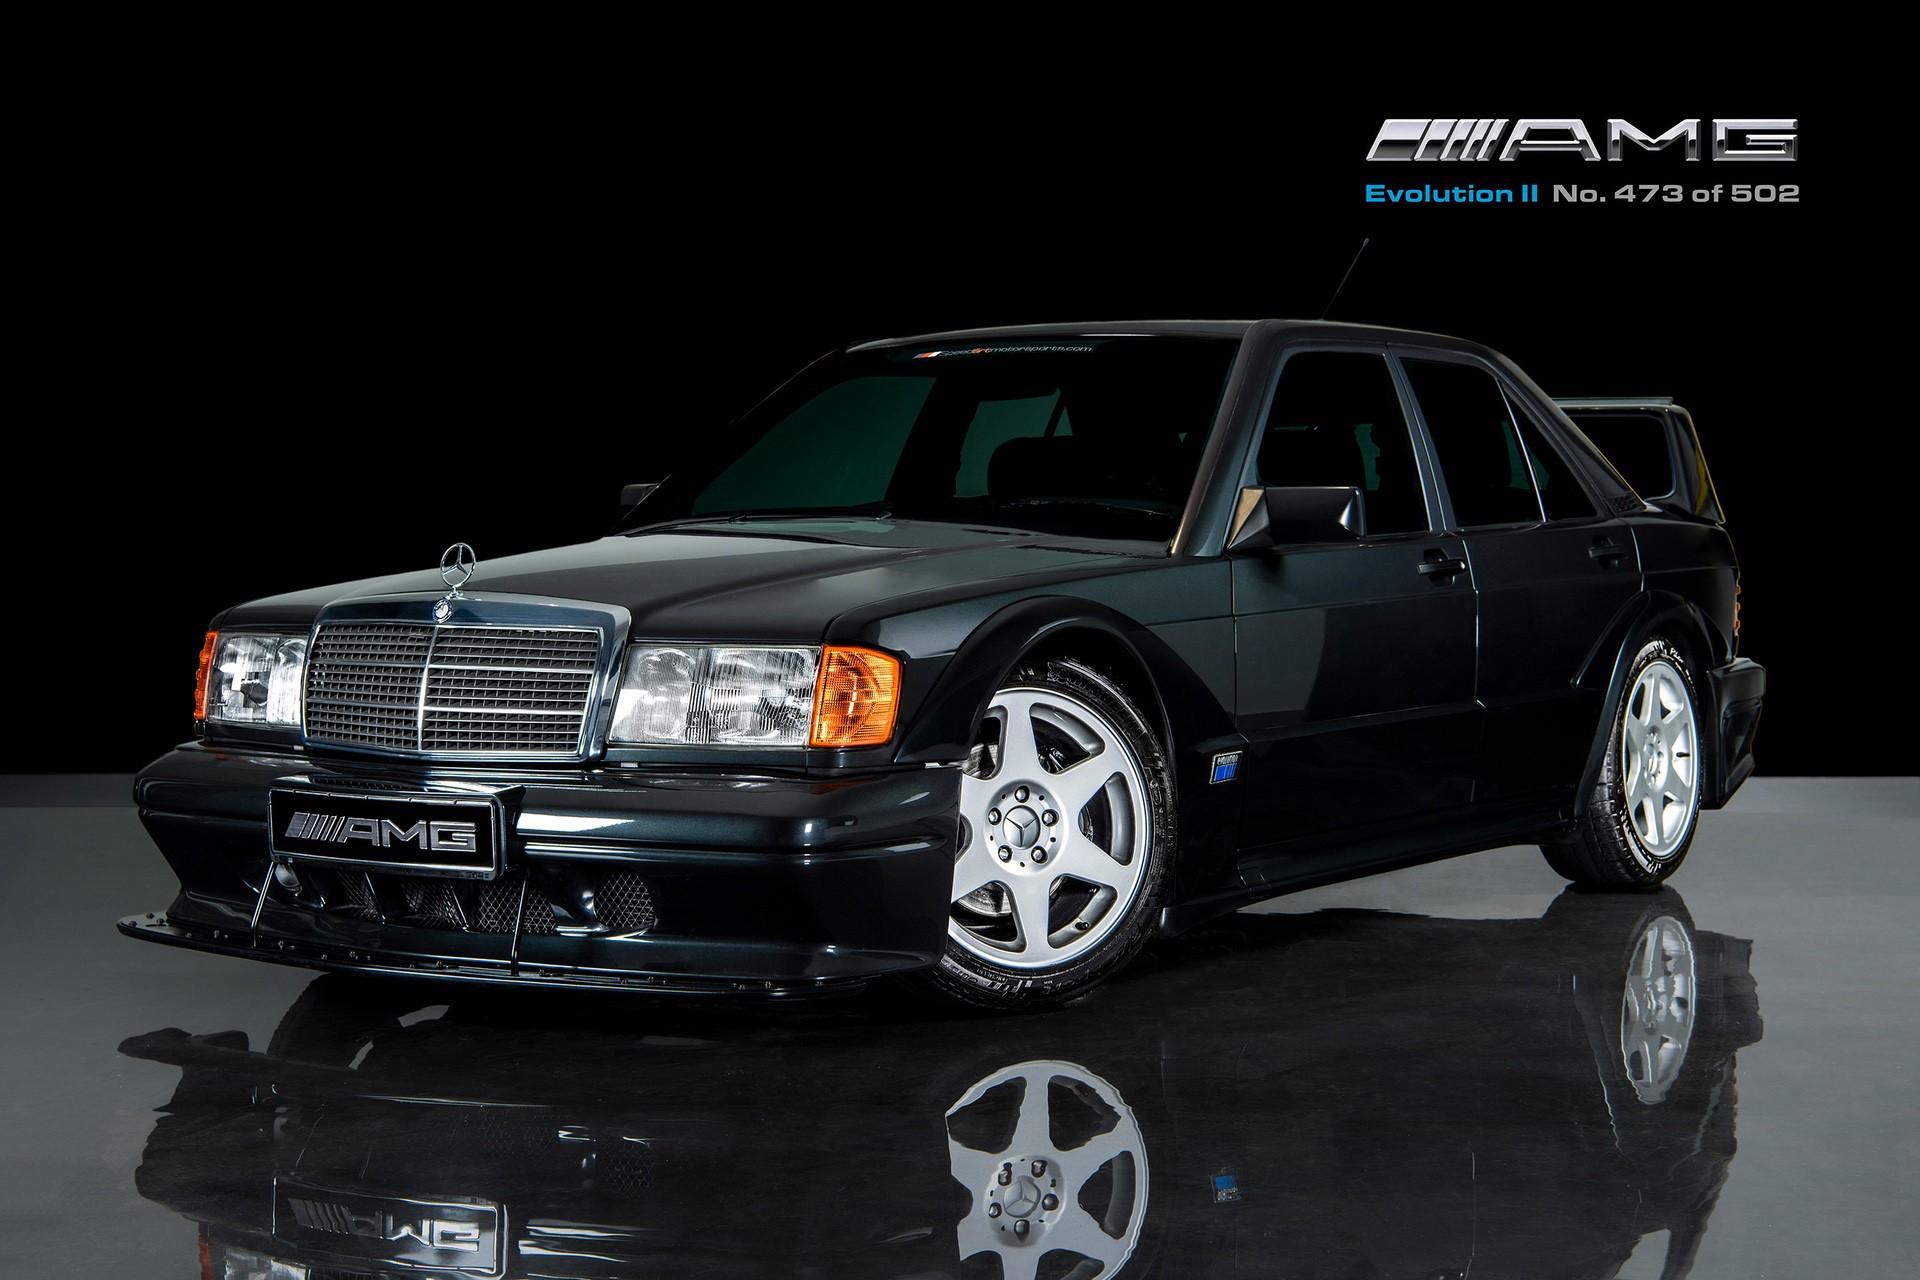 1990_Mercedes_Benz_190E_25-16_Evolution_II_sales_0000